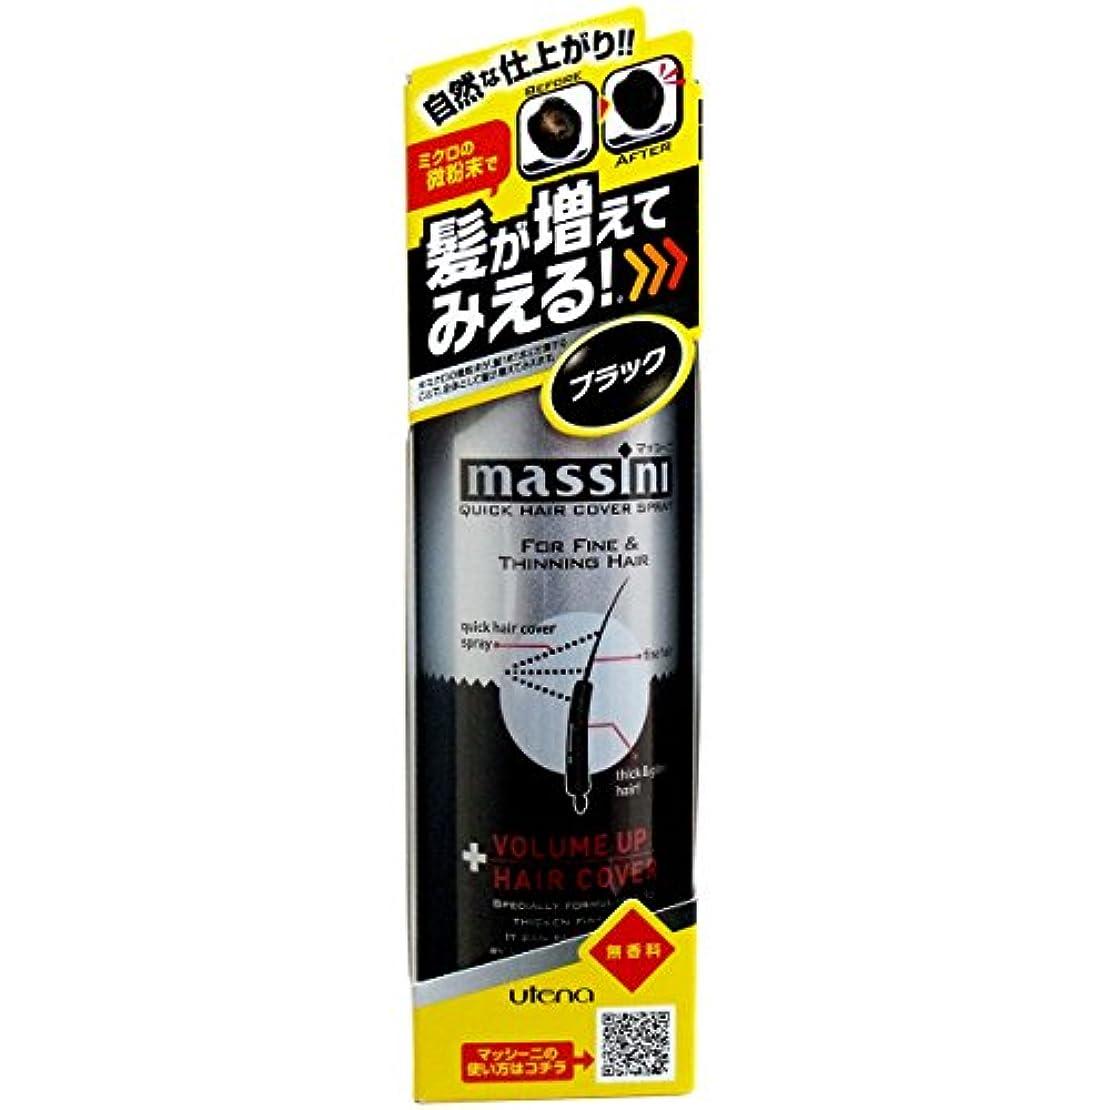 ポンプ不純ビリーヤギ【まとめ買い】マッシーニ クイックヘアカバースプレーBK(ブラック) 1P ×2セット